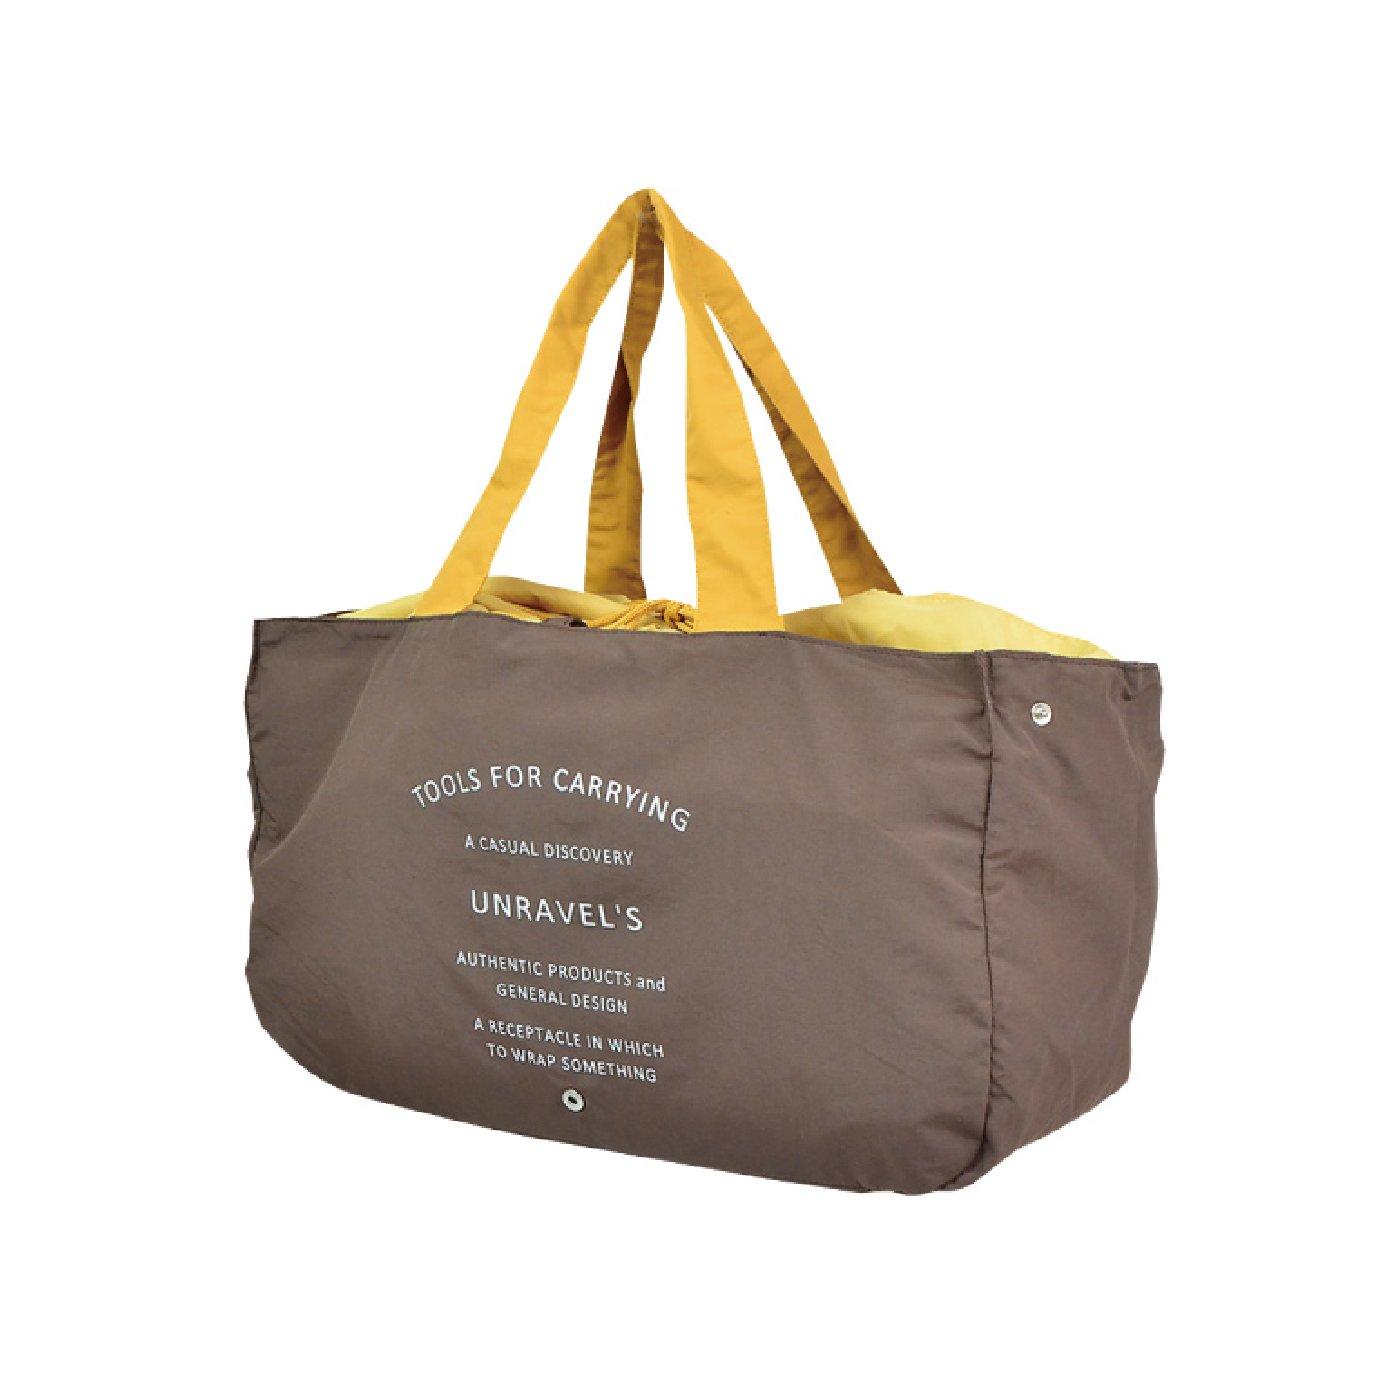 小さくたためて持ち運びに便利 ルパレジカゴバッグ